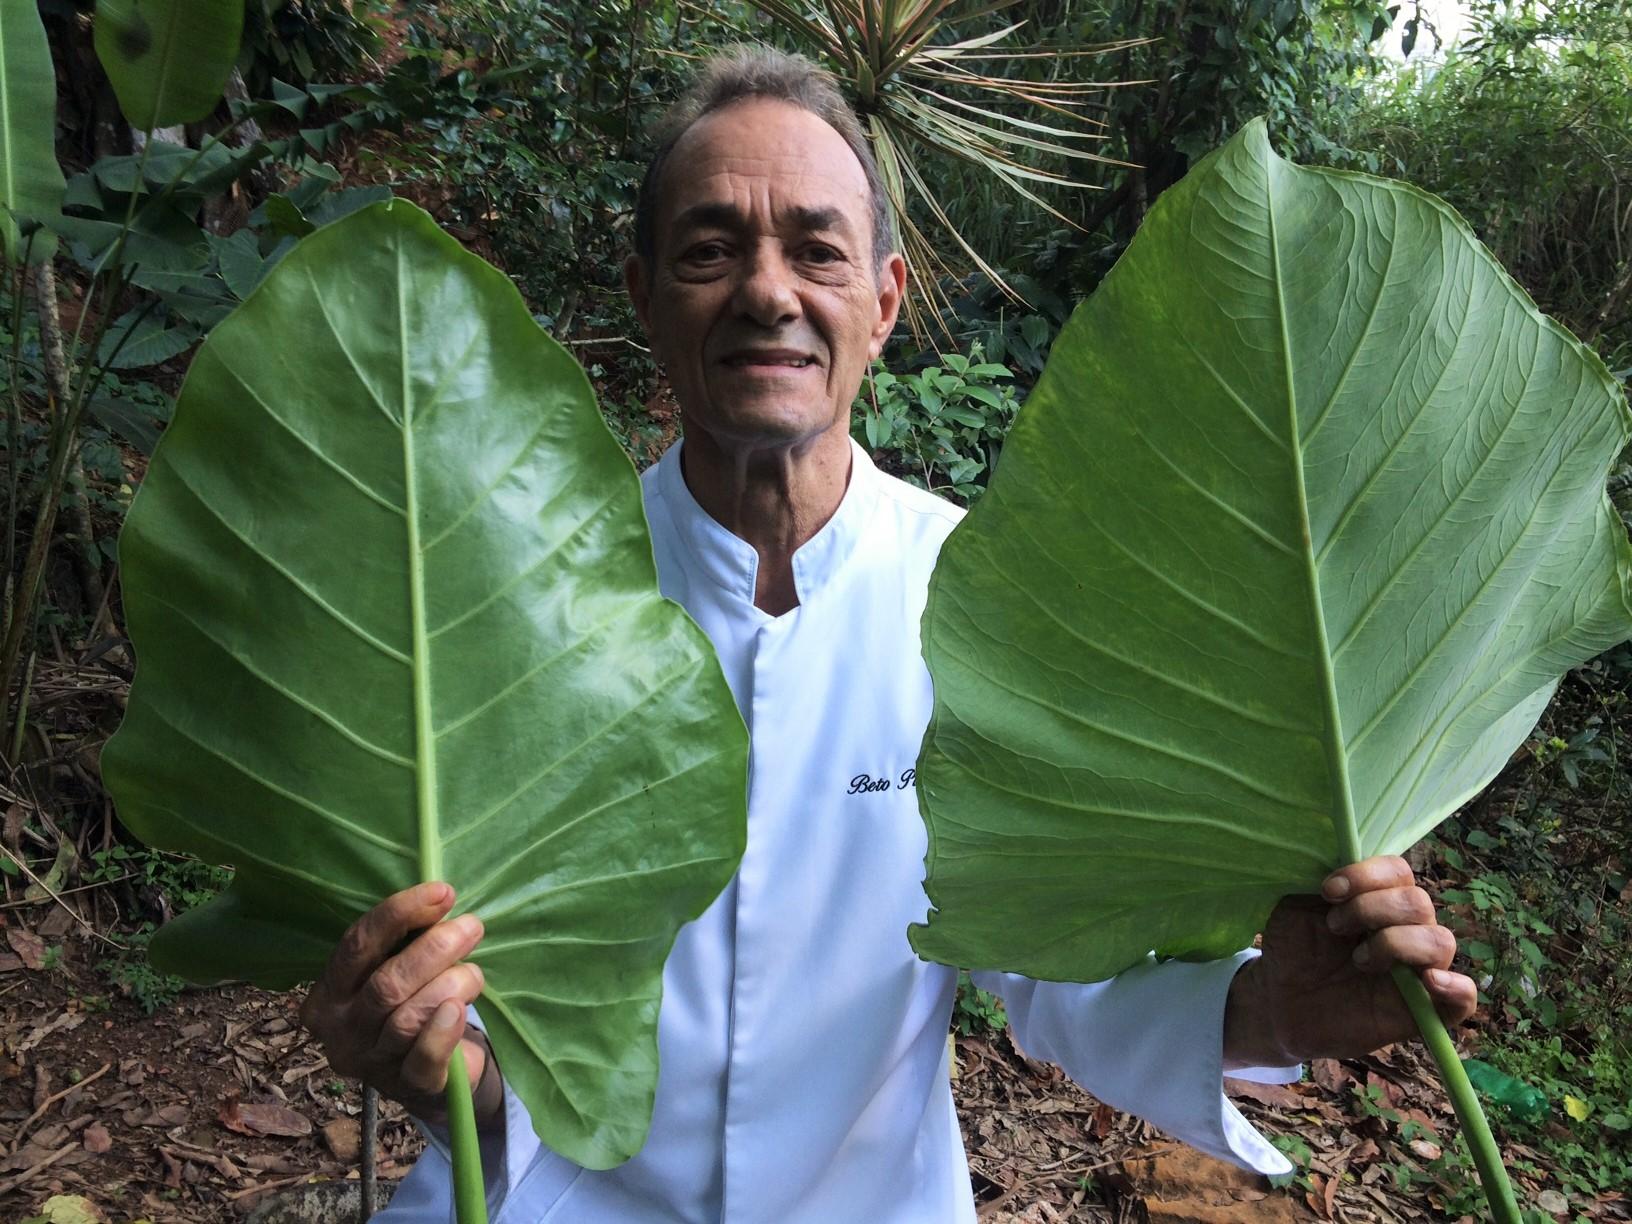 Comparação: taioba brava (não comestível) do lado esquerdo e taioba mansa (comestível) do lado direito.